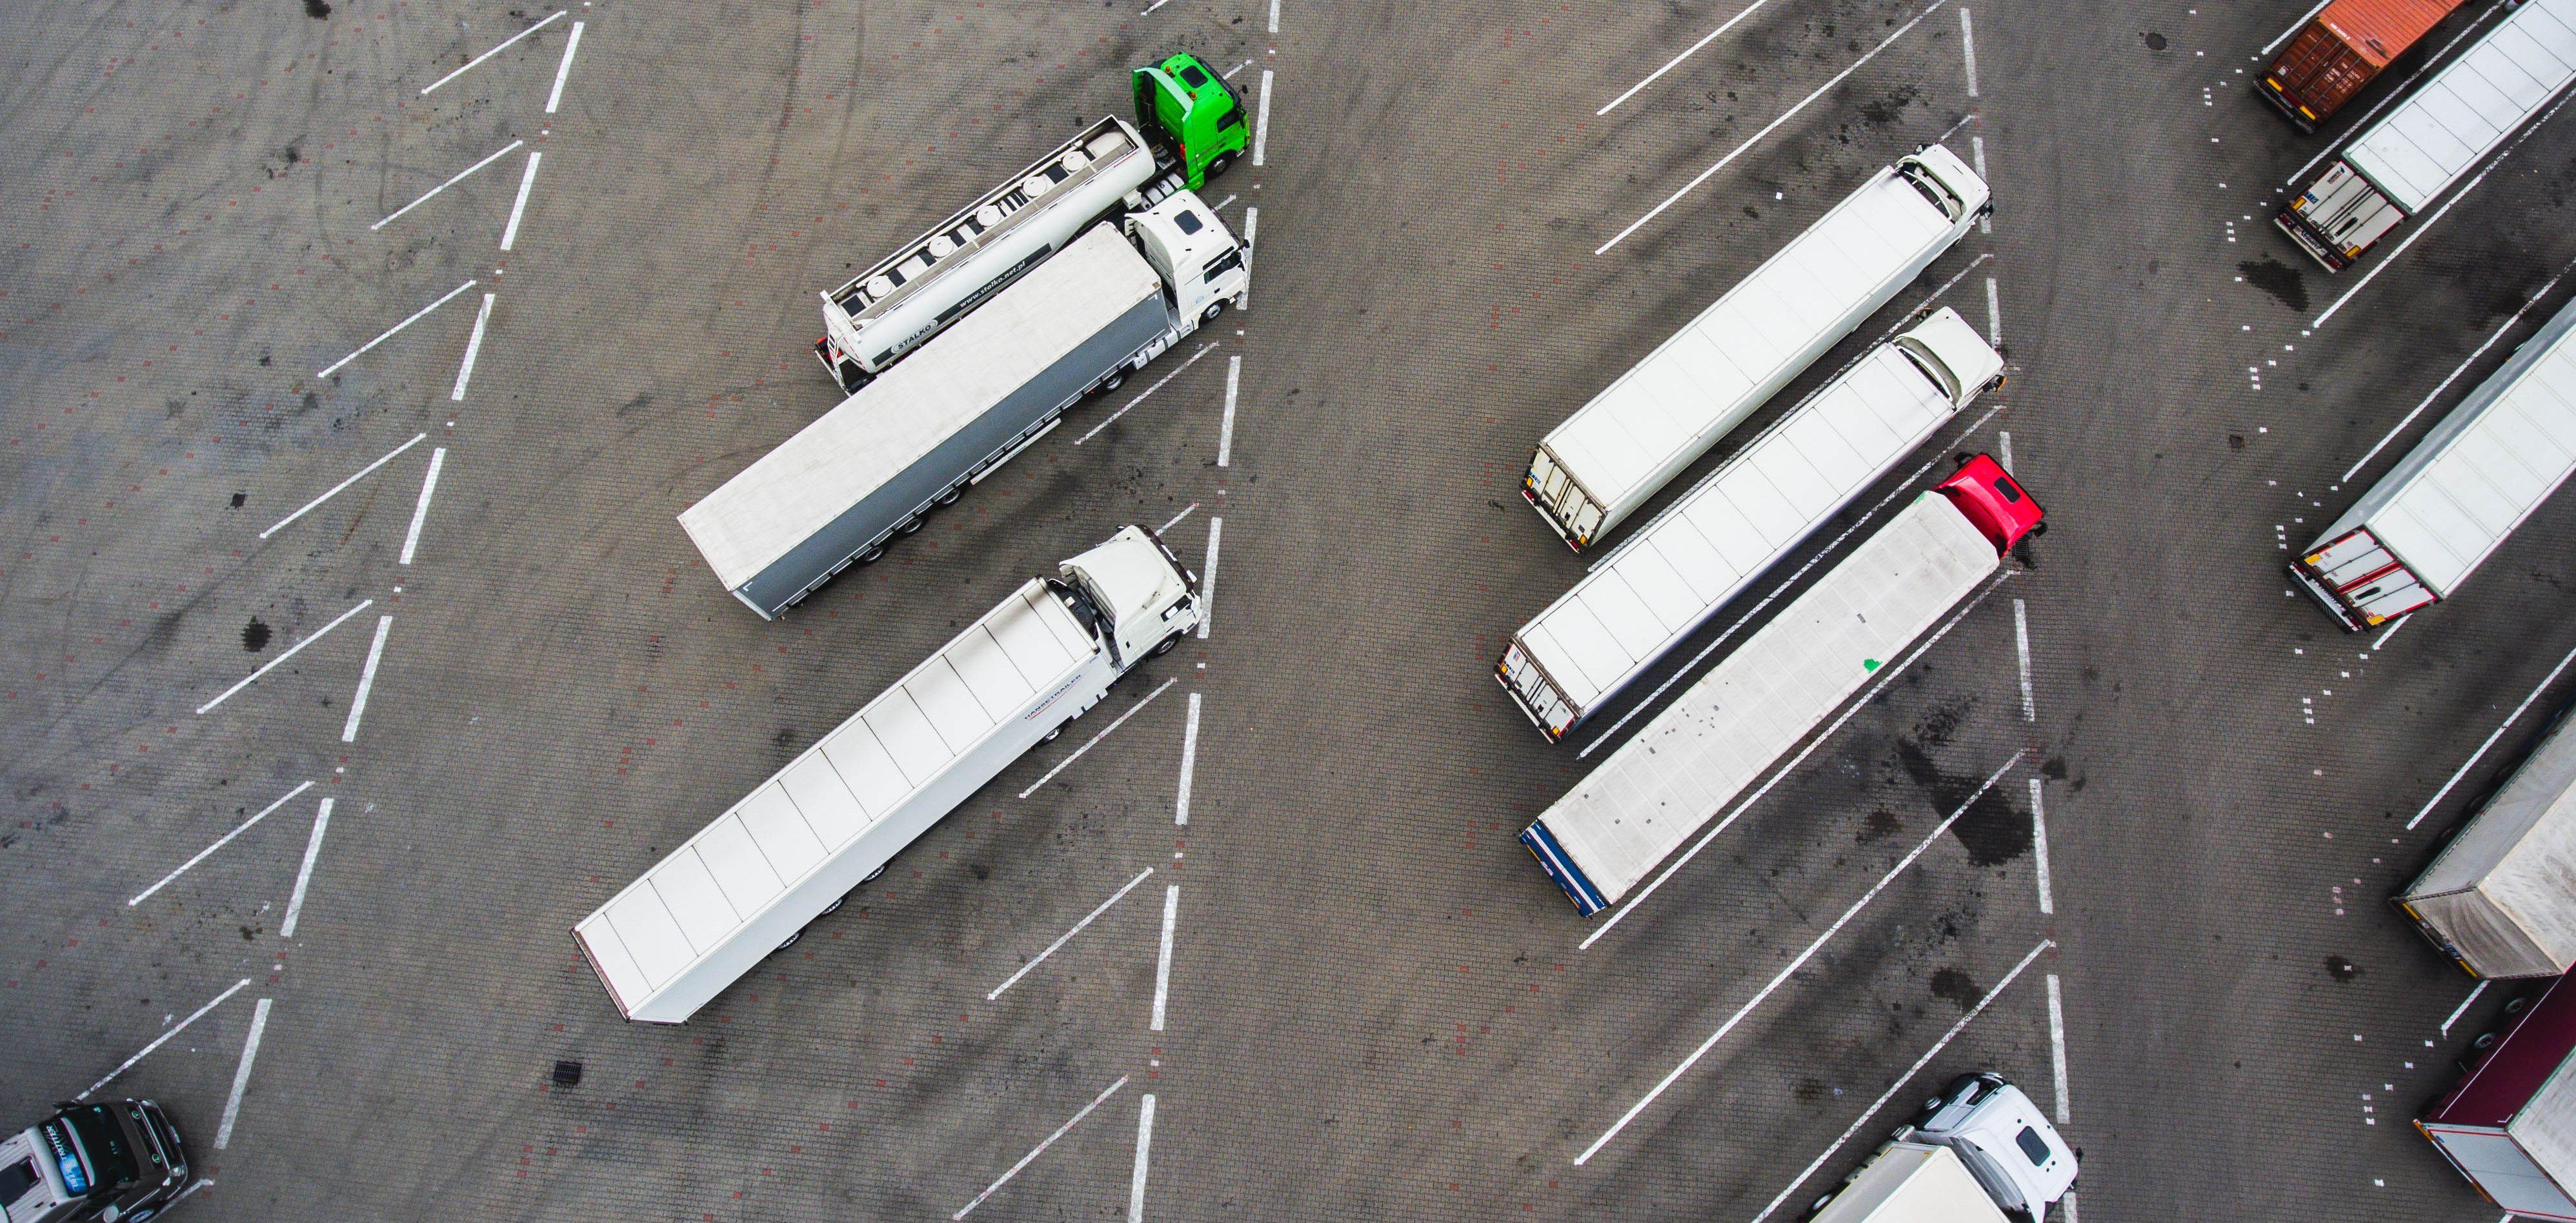 Обстановка в транспортной безопасности в период пандемии ухудшилась. Что же делать?